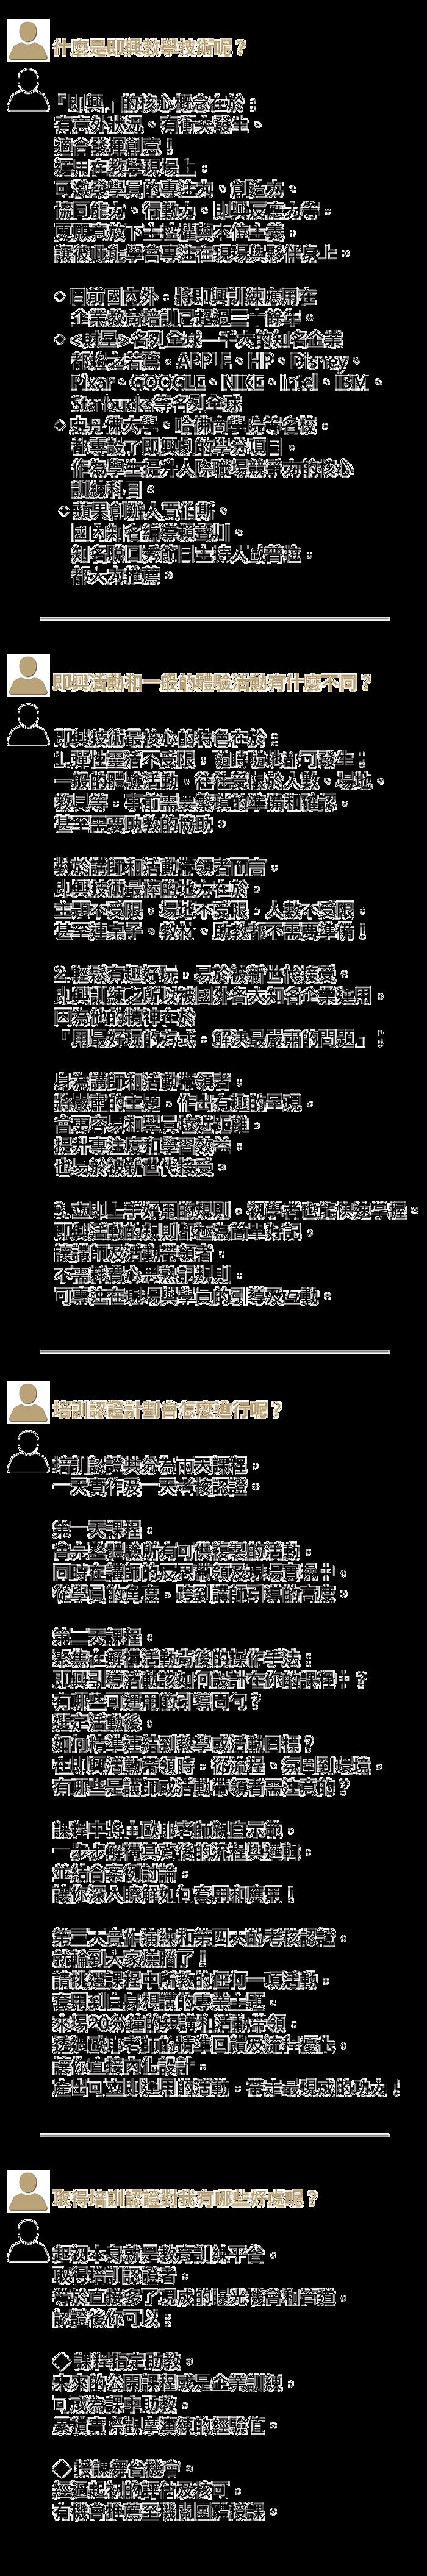 文案2_1.png